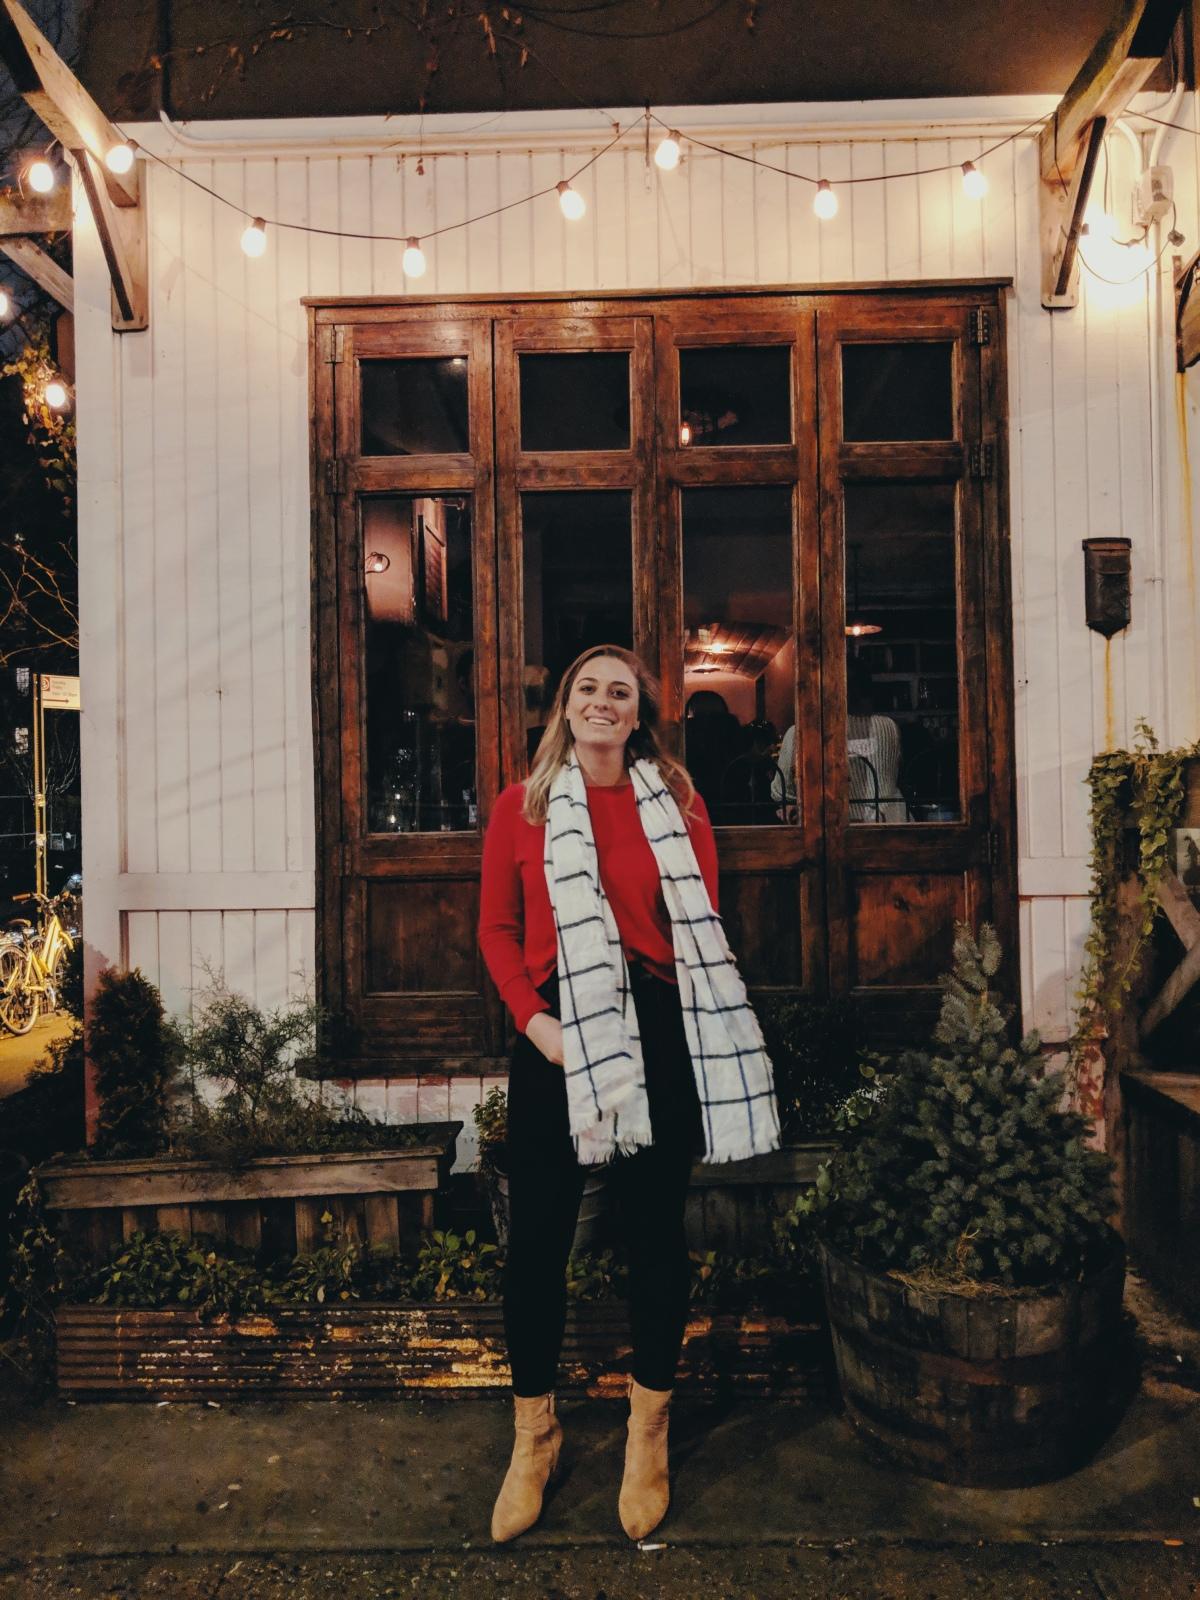 NYC Christmas BarCrawl